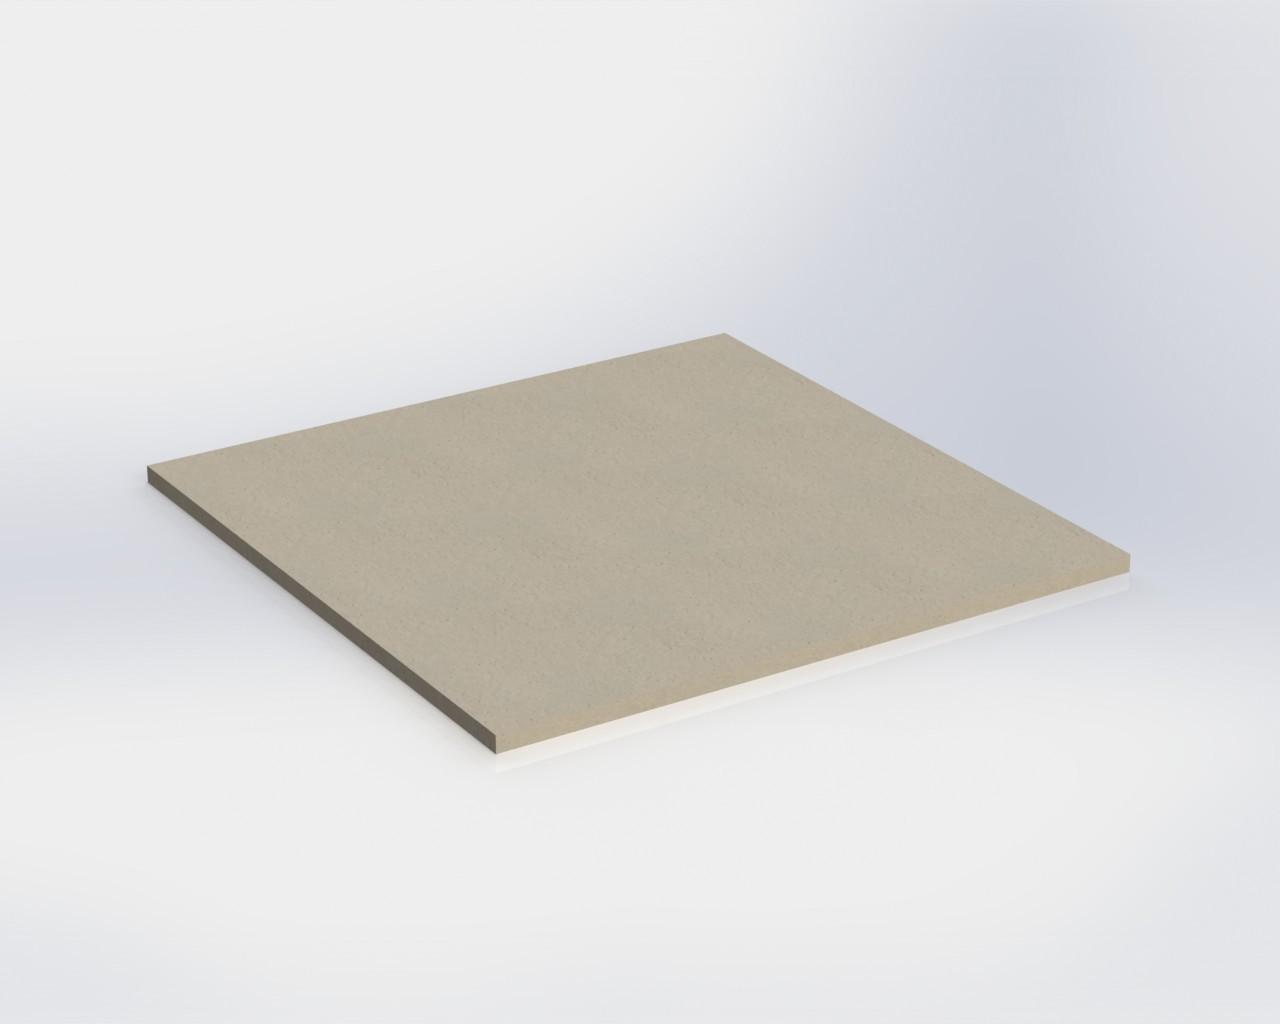 Плита DNT 2440*1830 18 мм. Влагостойкая+ распил плиты